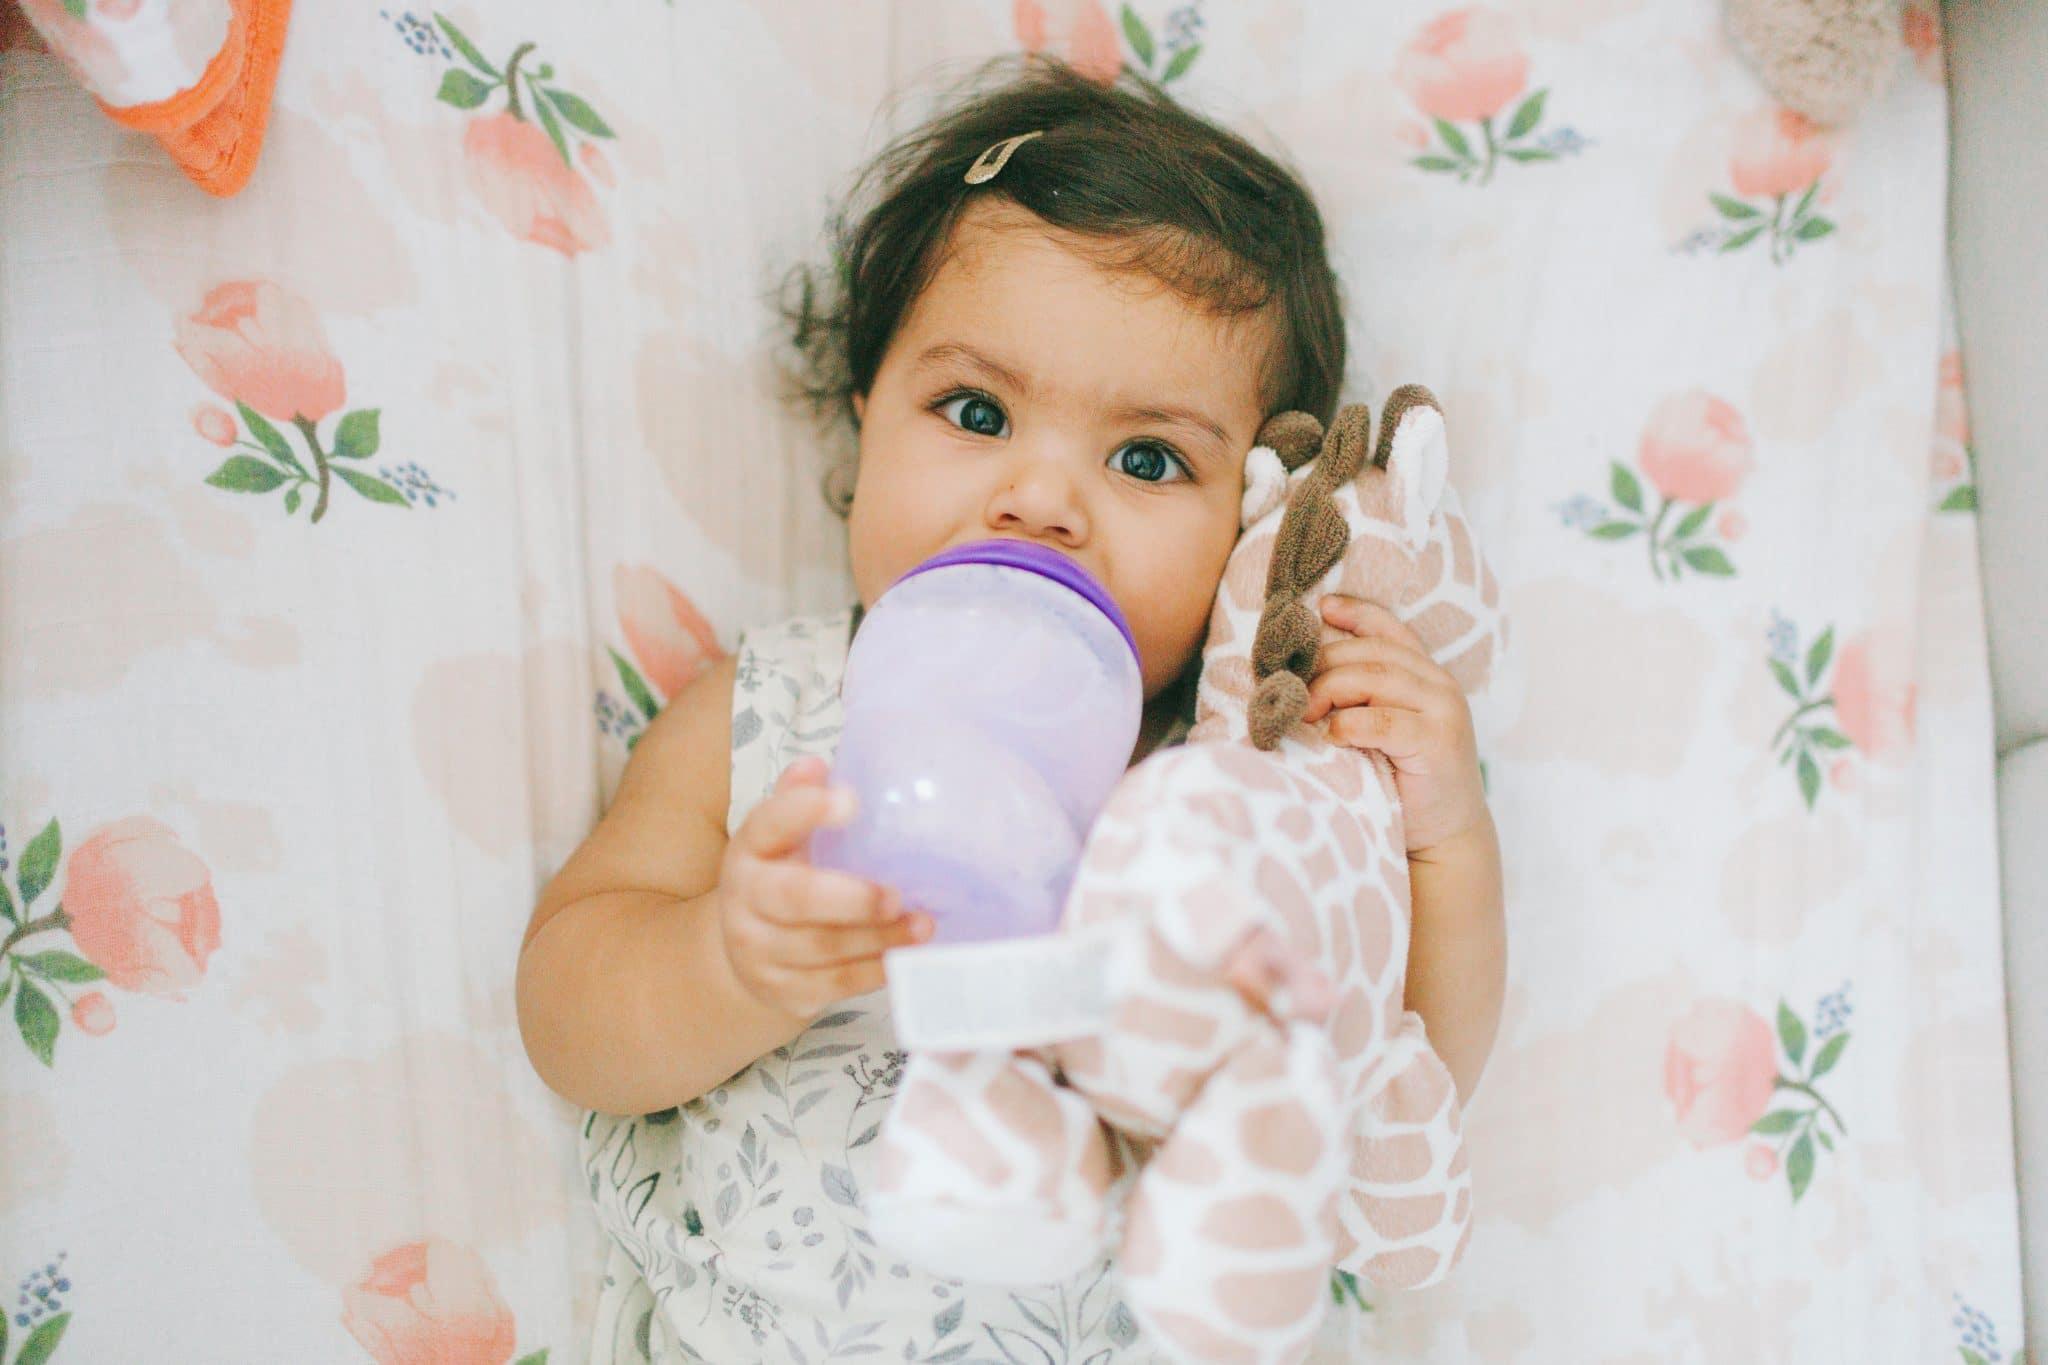 Lit Au Sol Montessori Quel Age quel type de lit choisir pour son enfant ? - justice papa